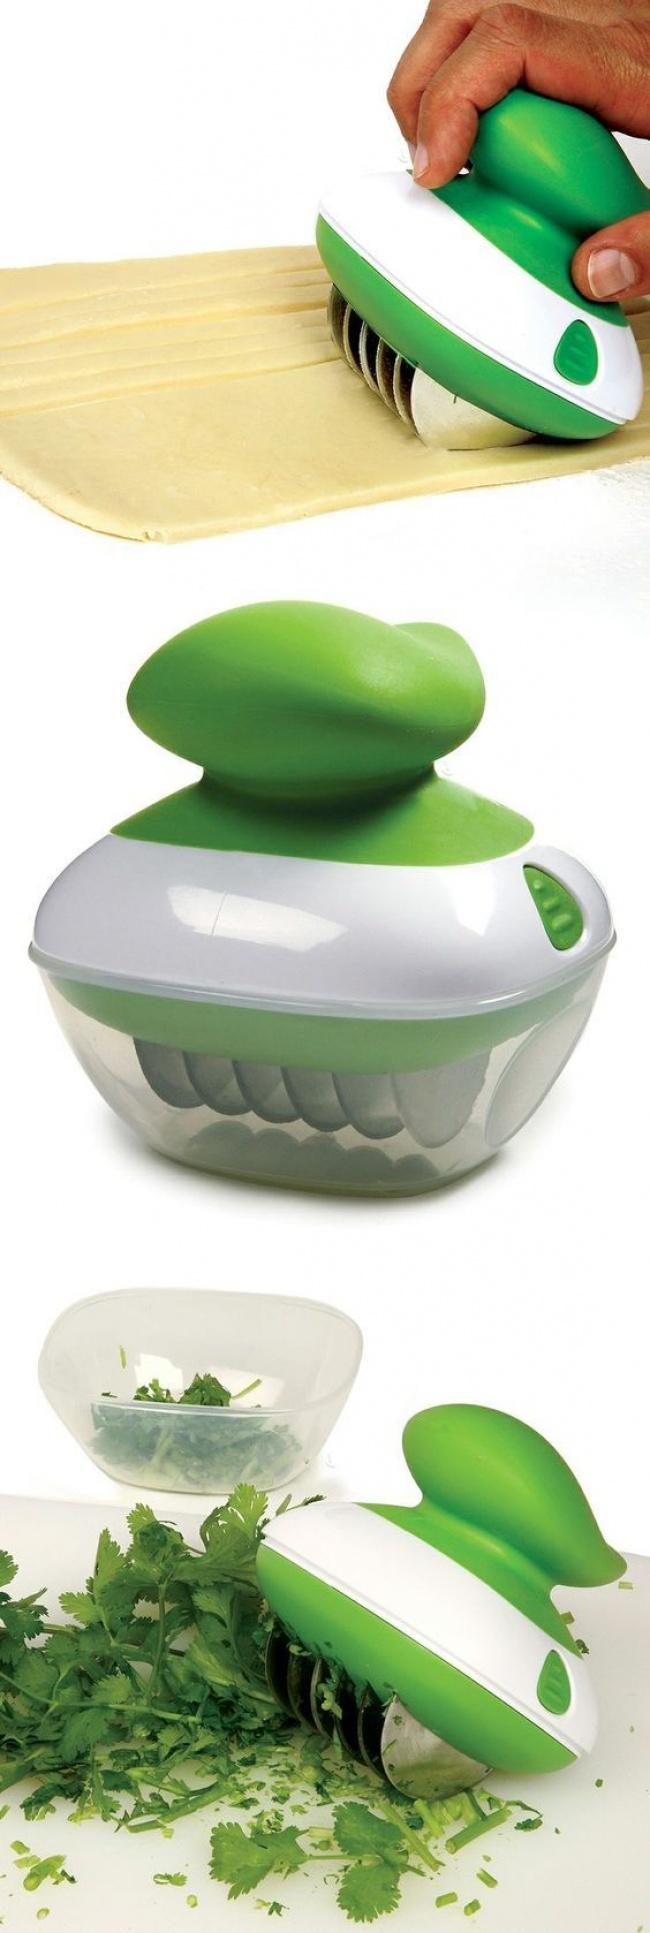 © amazon  Ручной слайсер быстро ировно разрежет мягкие продукты, фрукты иовощи. Особенно удо